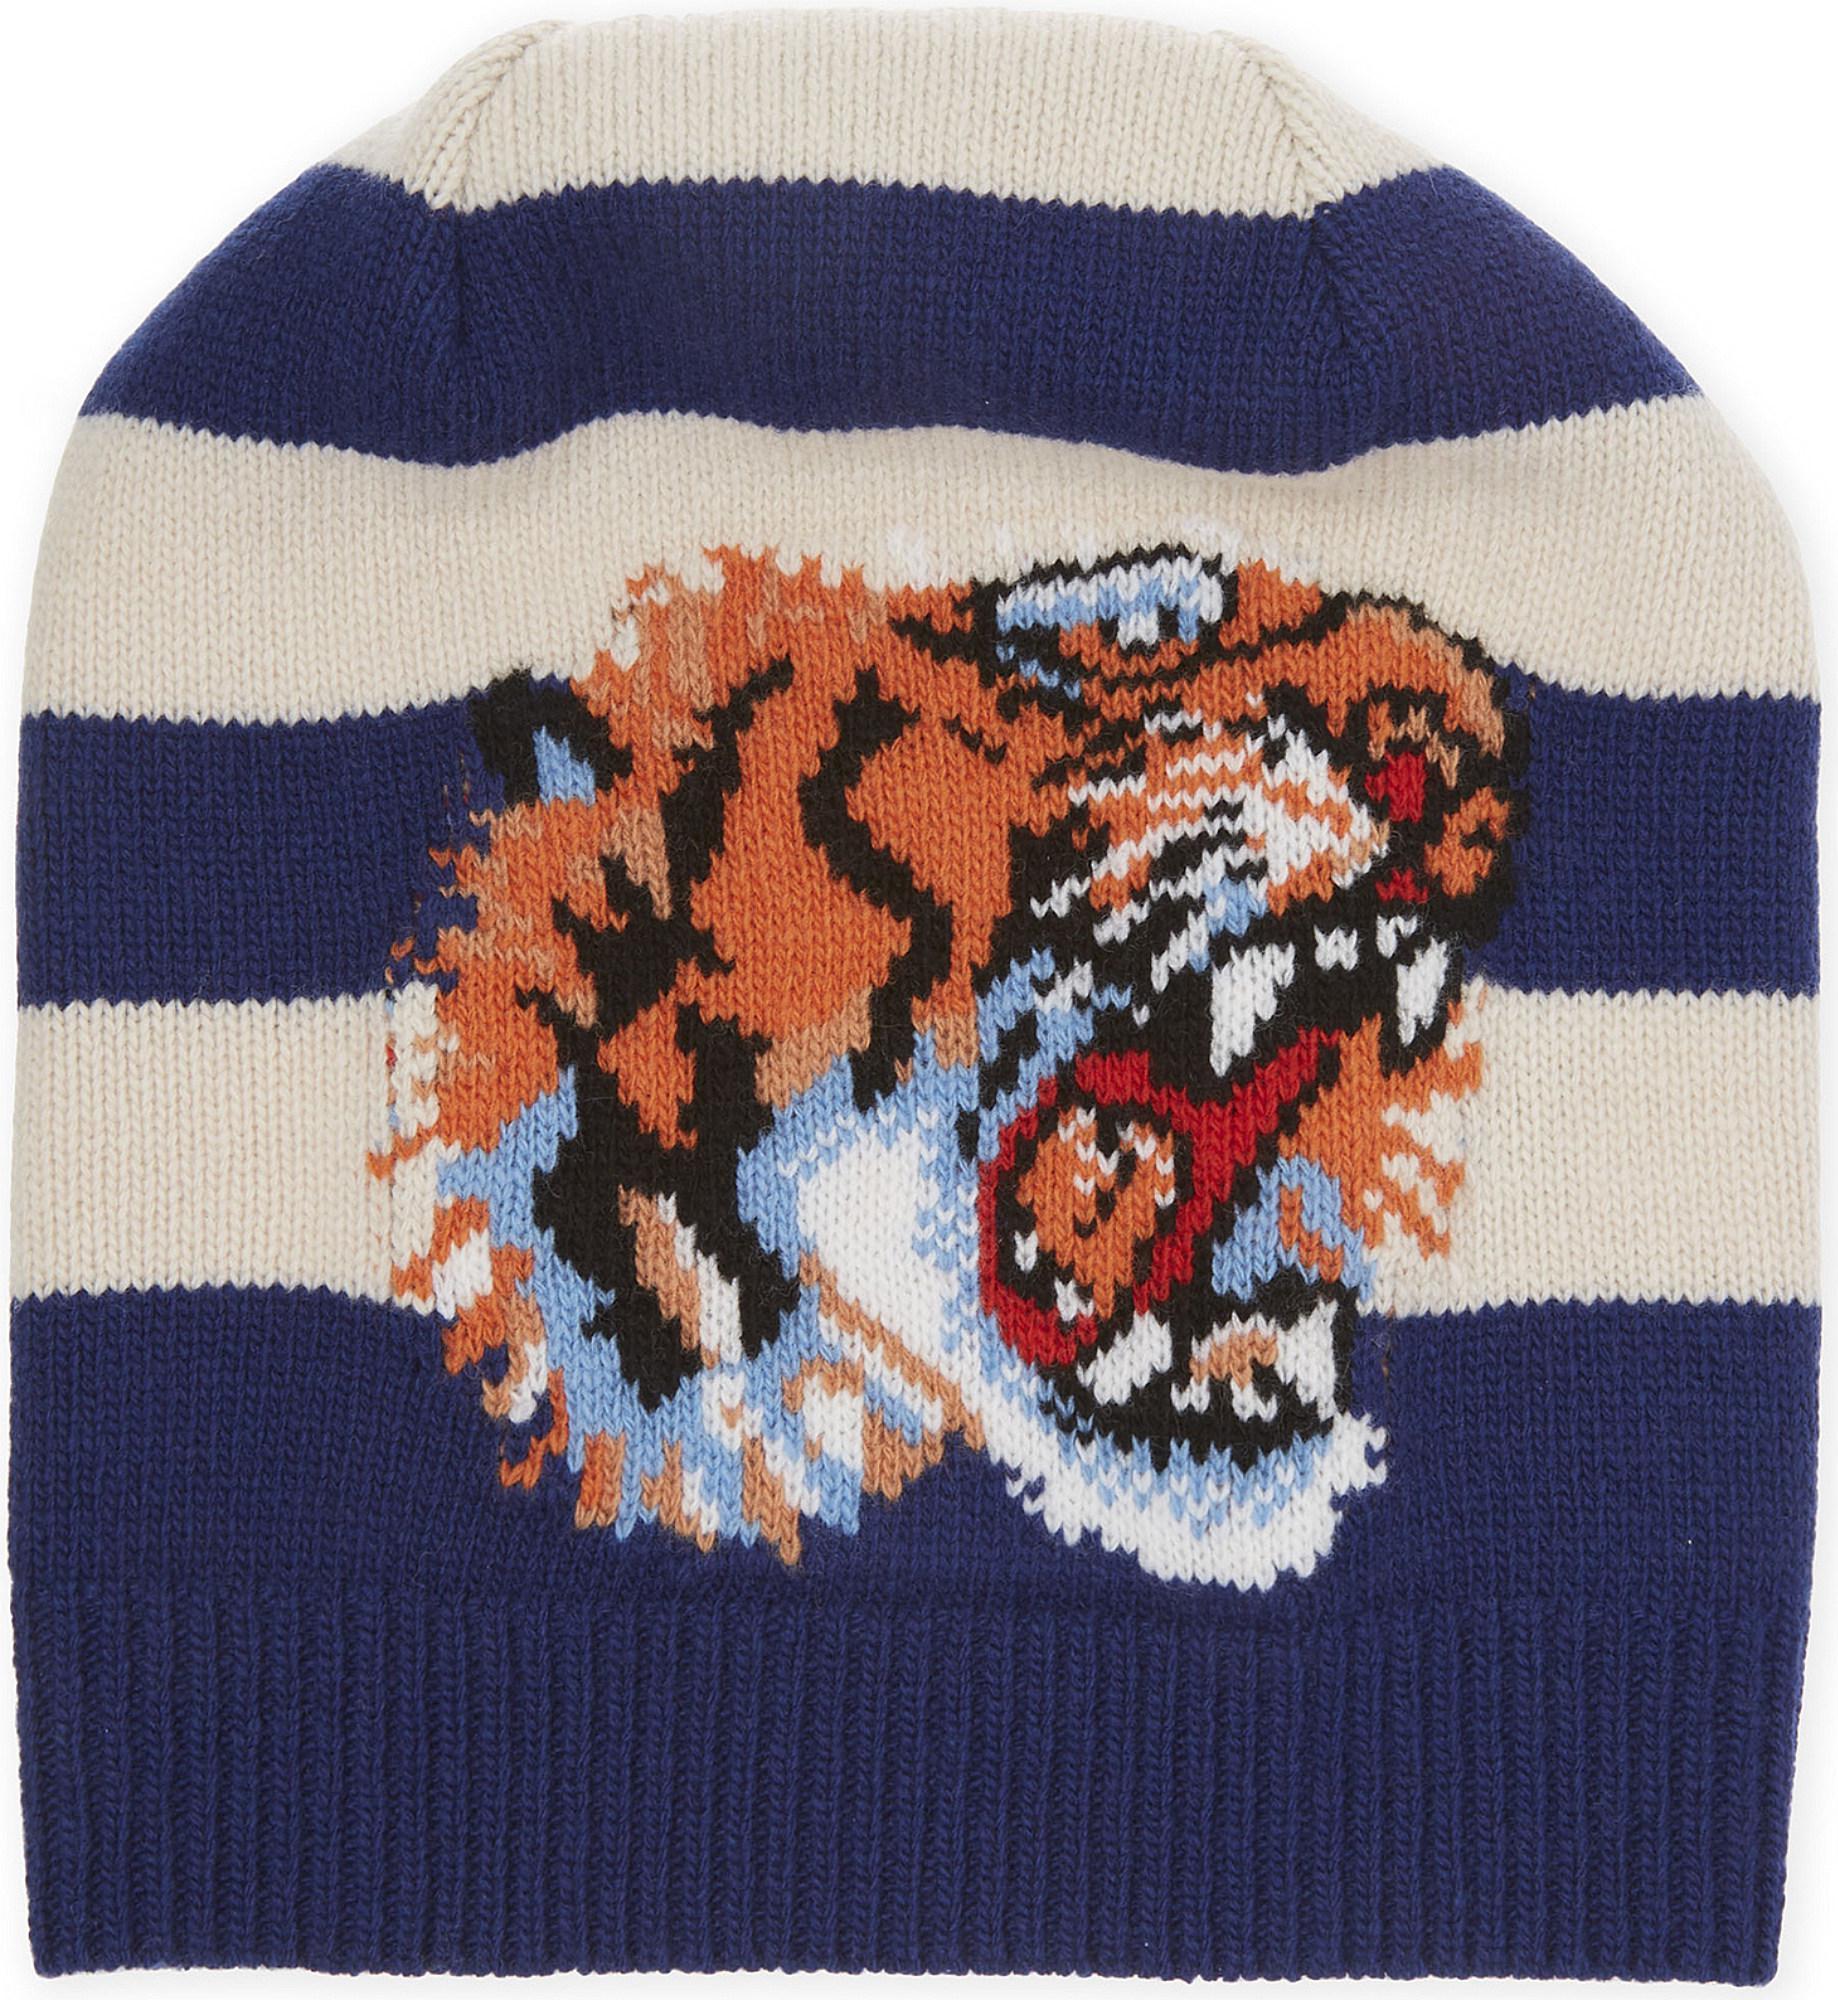 2e8287479de Lyst - Gucci Tiger Striped Beanie in Blue for Men